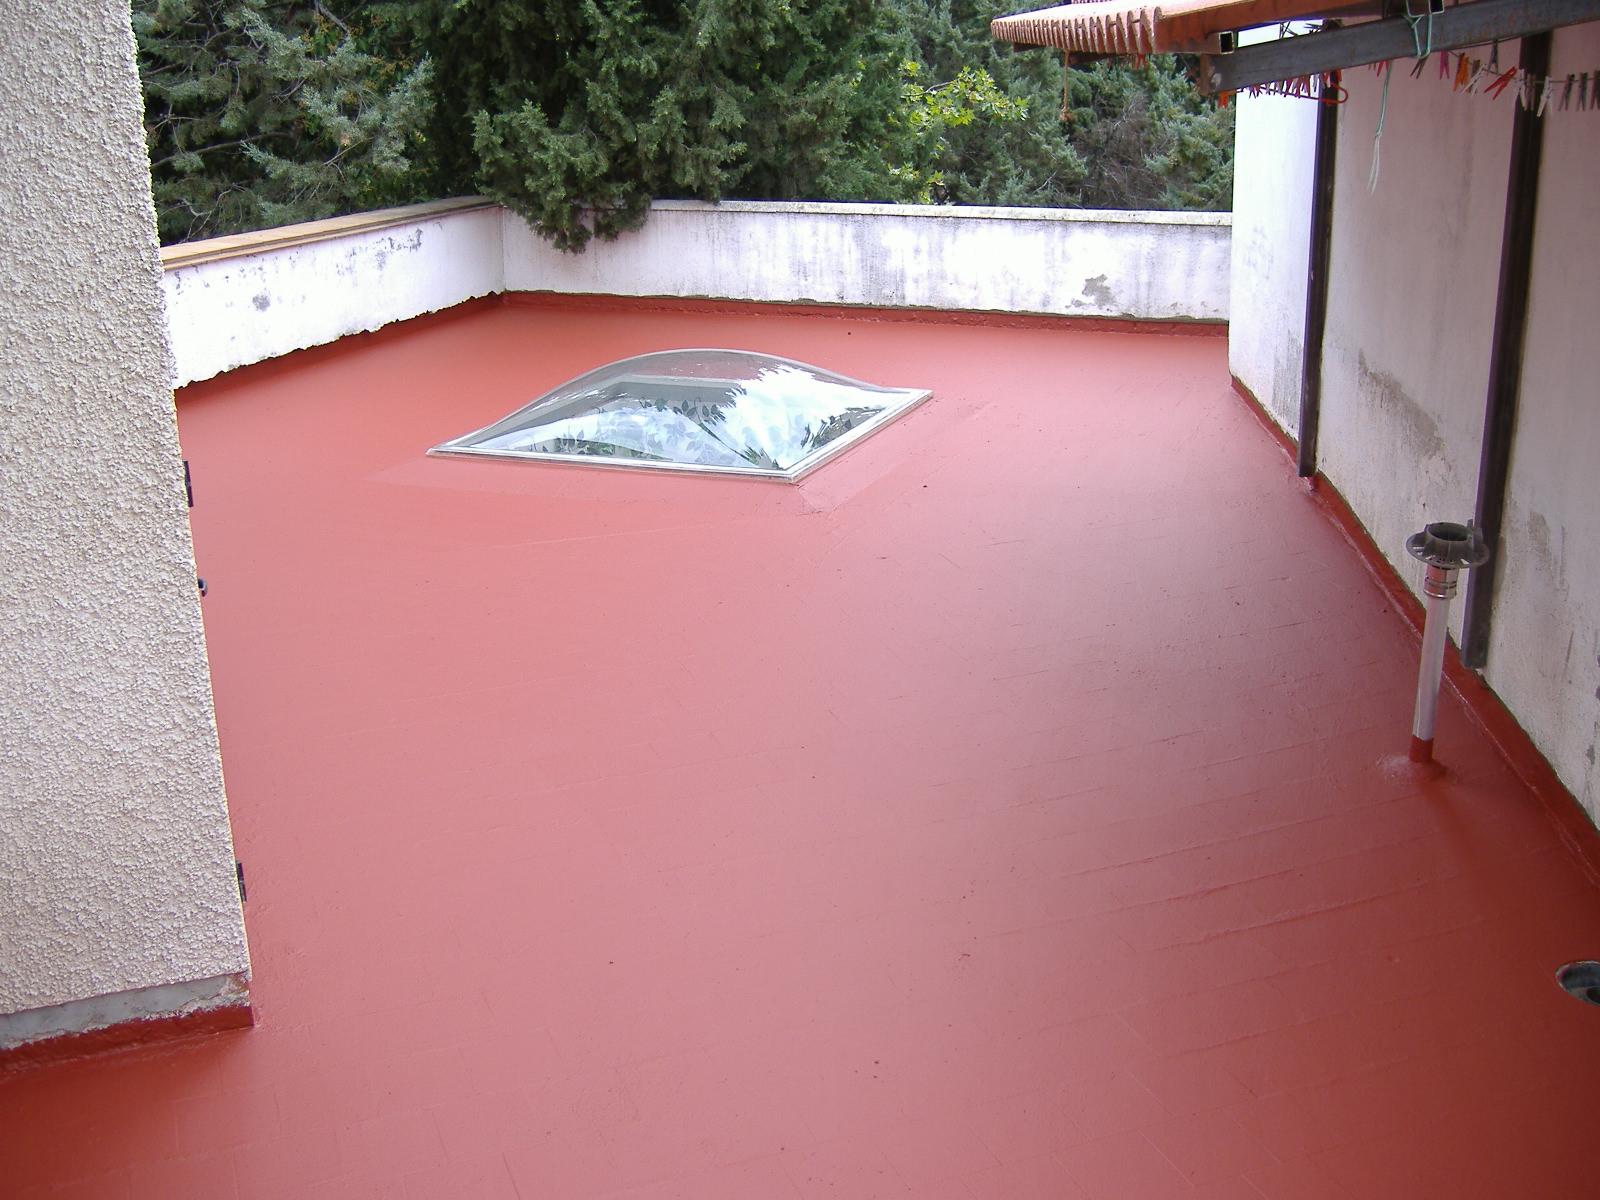 Foto2: Impermeabilización capas intermedias en terraza